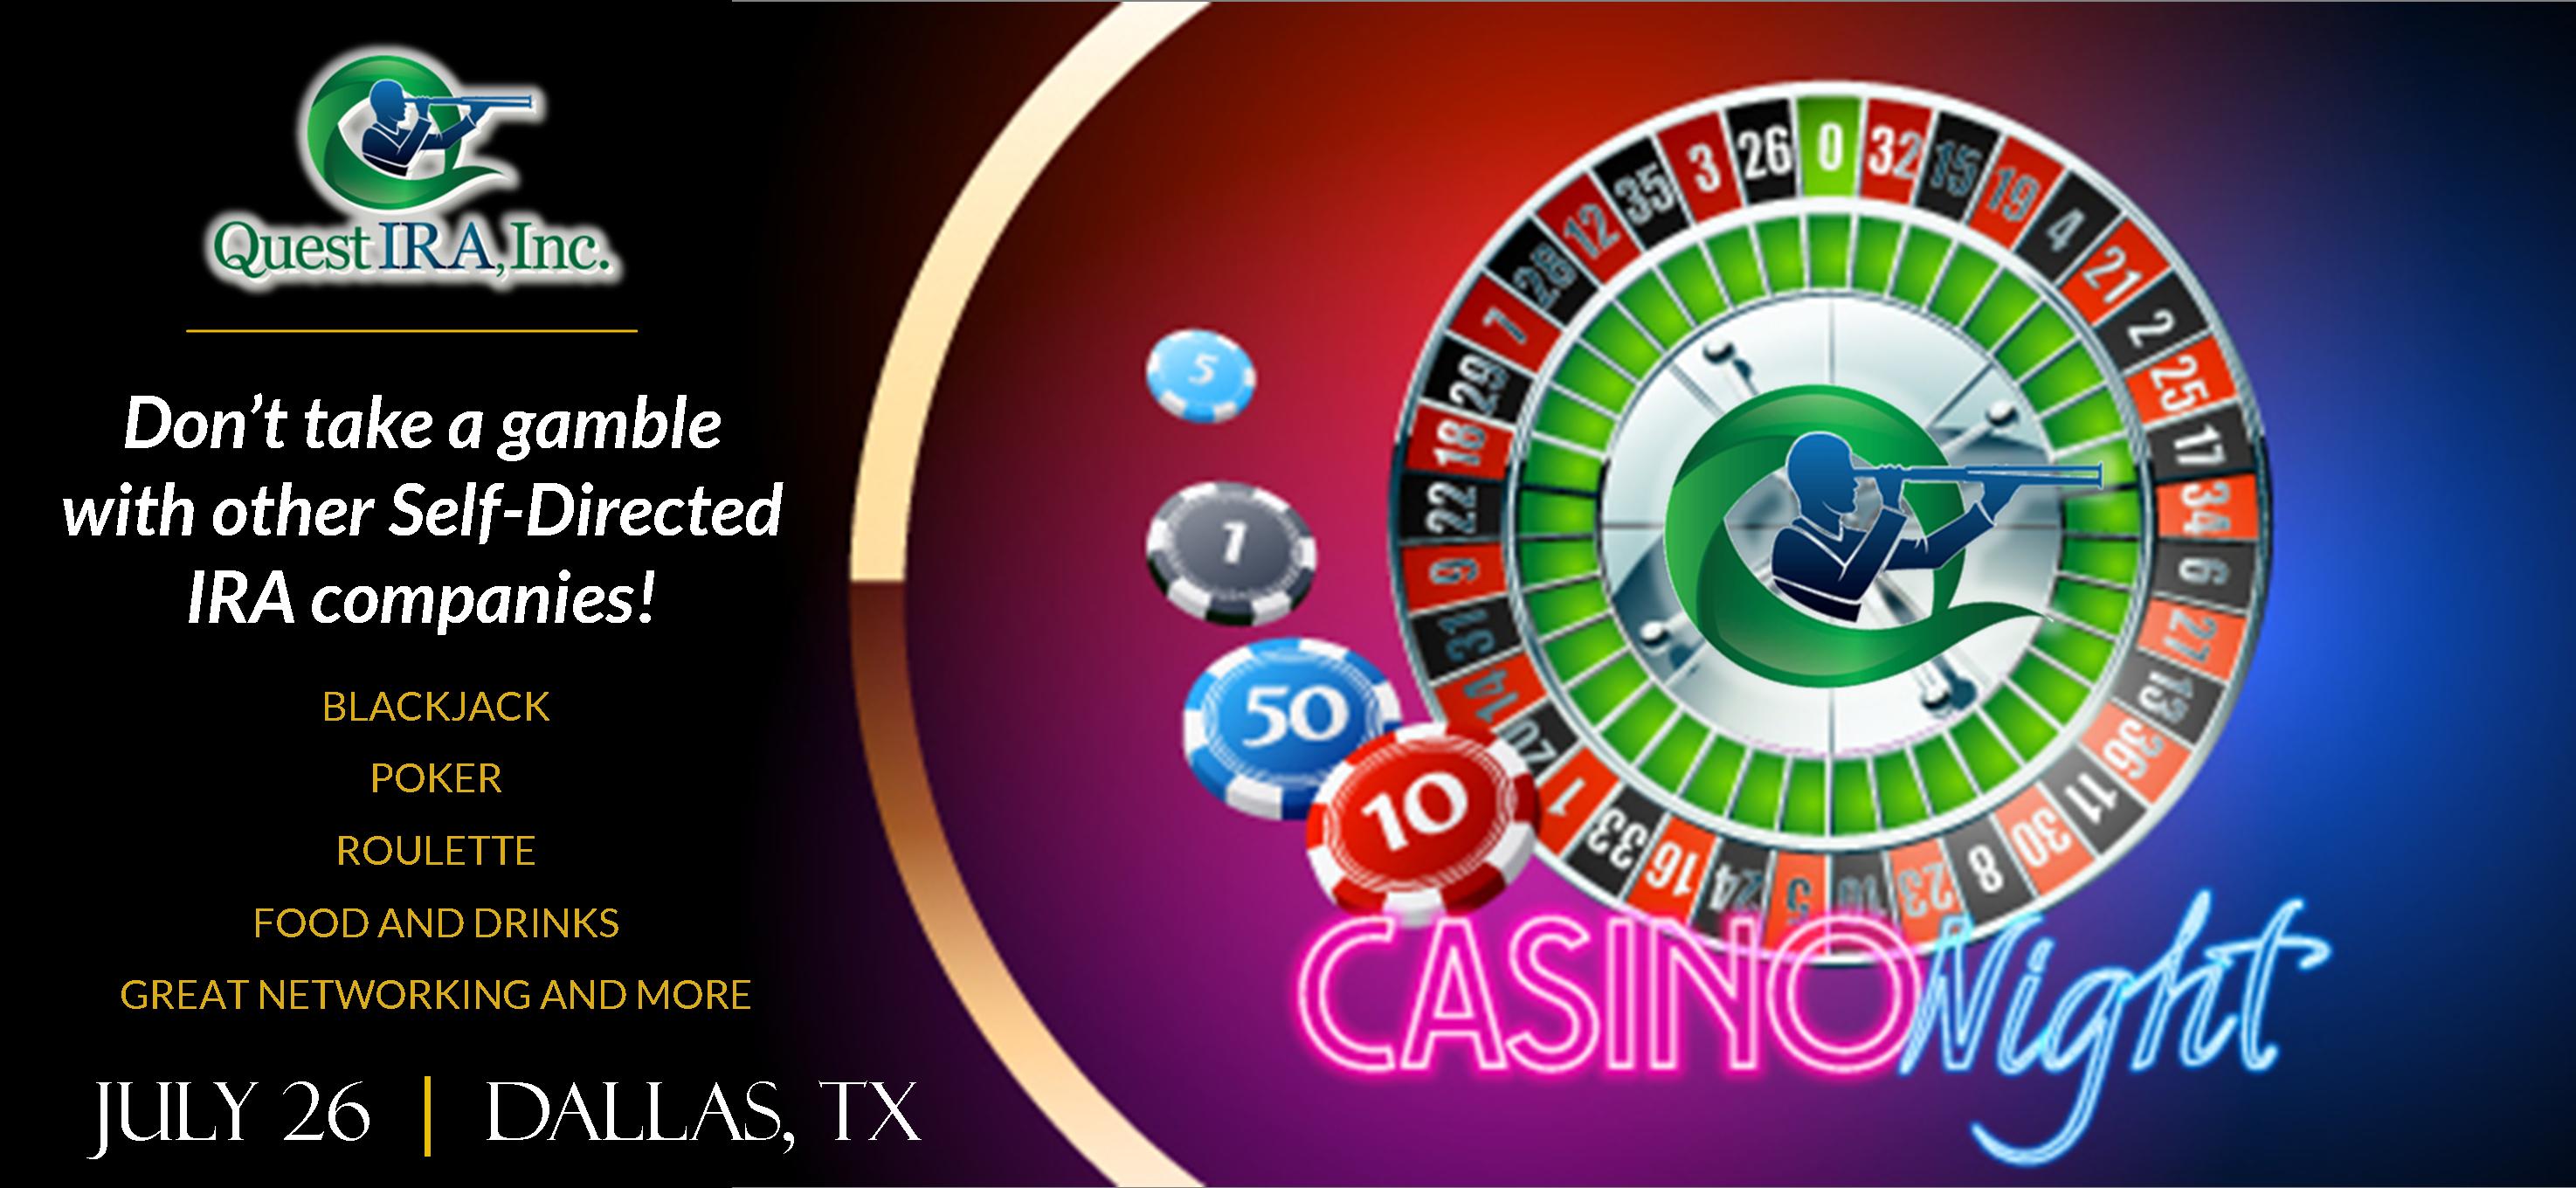 Quest IRA Casino Night - Dallas, TX